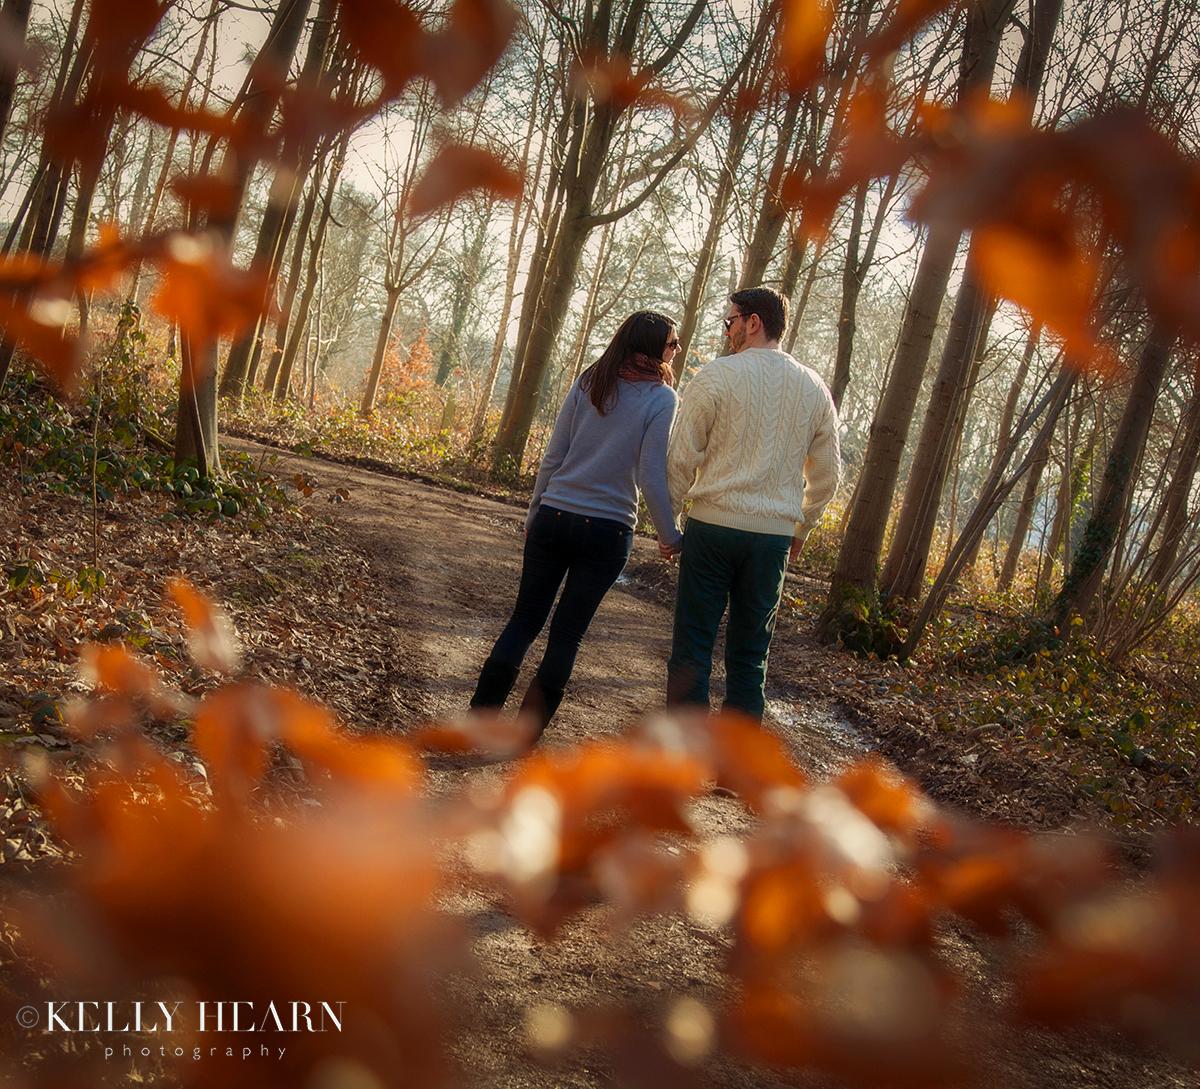 AUT_Engagement-Portrait-Woodland.jpg#asset:2873